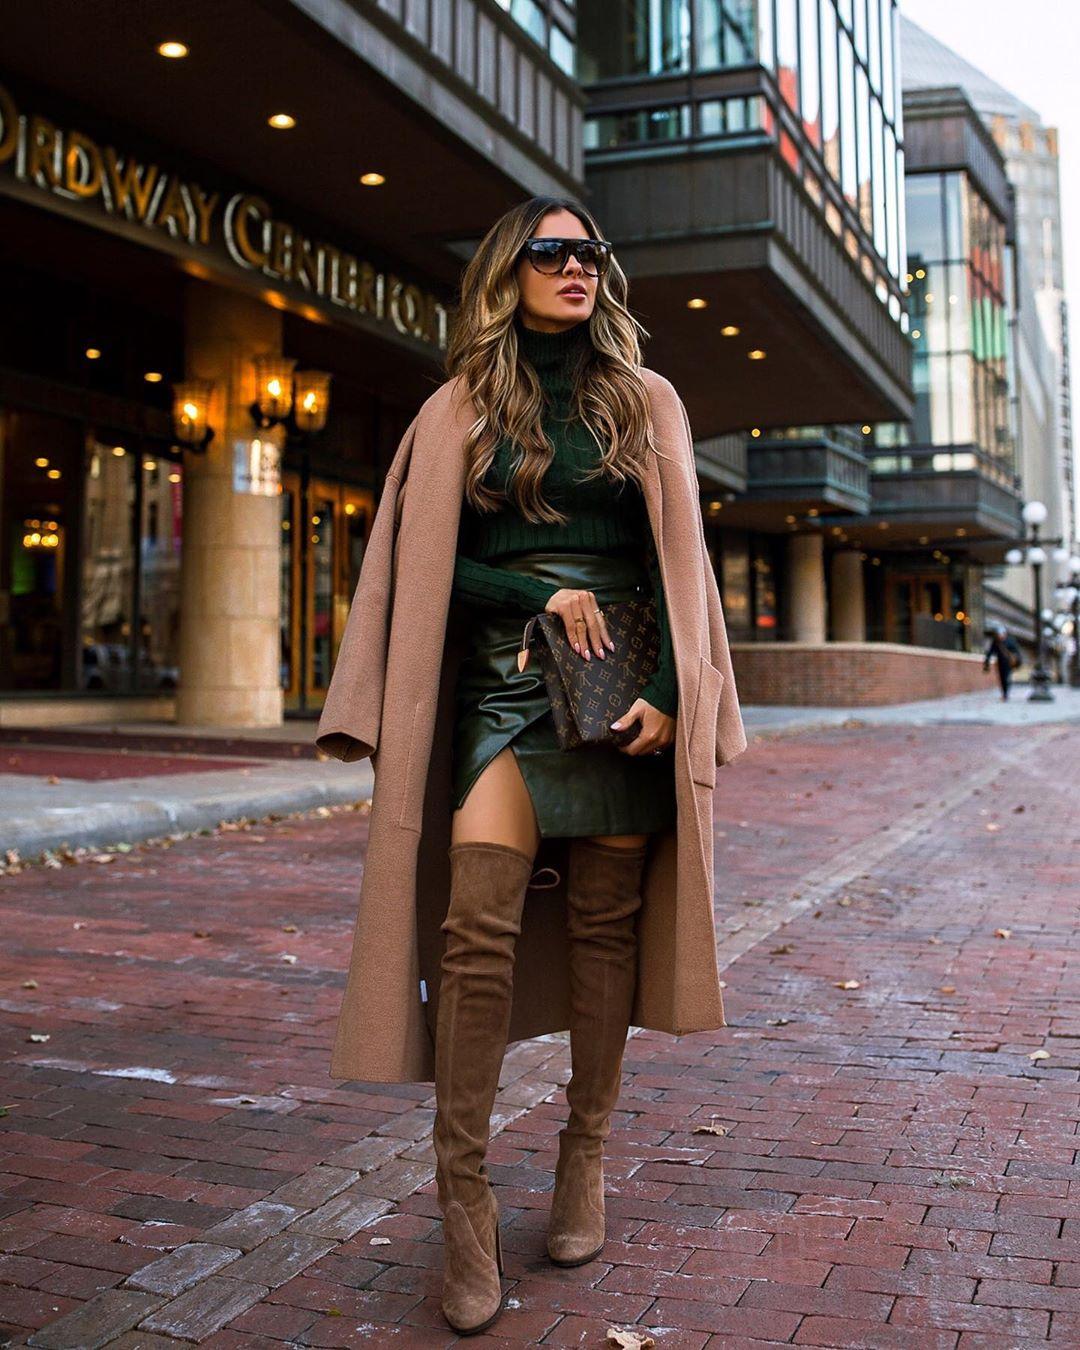 с чем носить юбку зимой фото 8